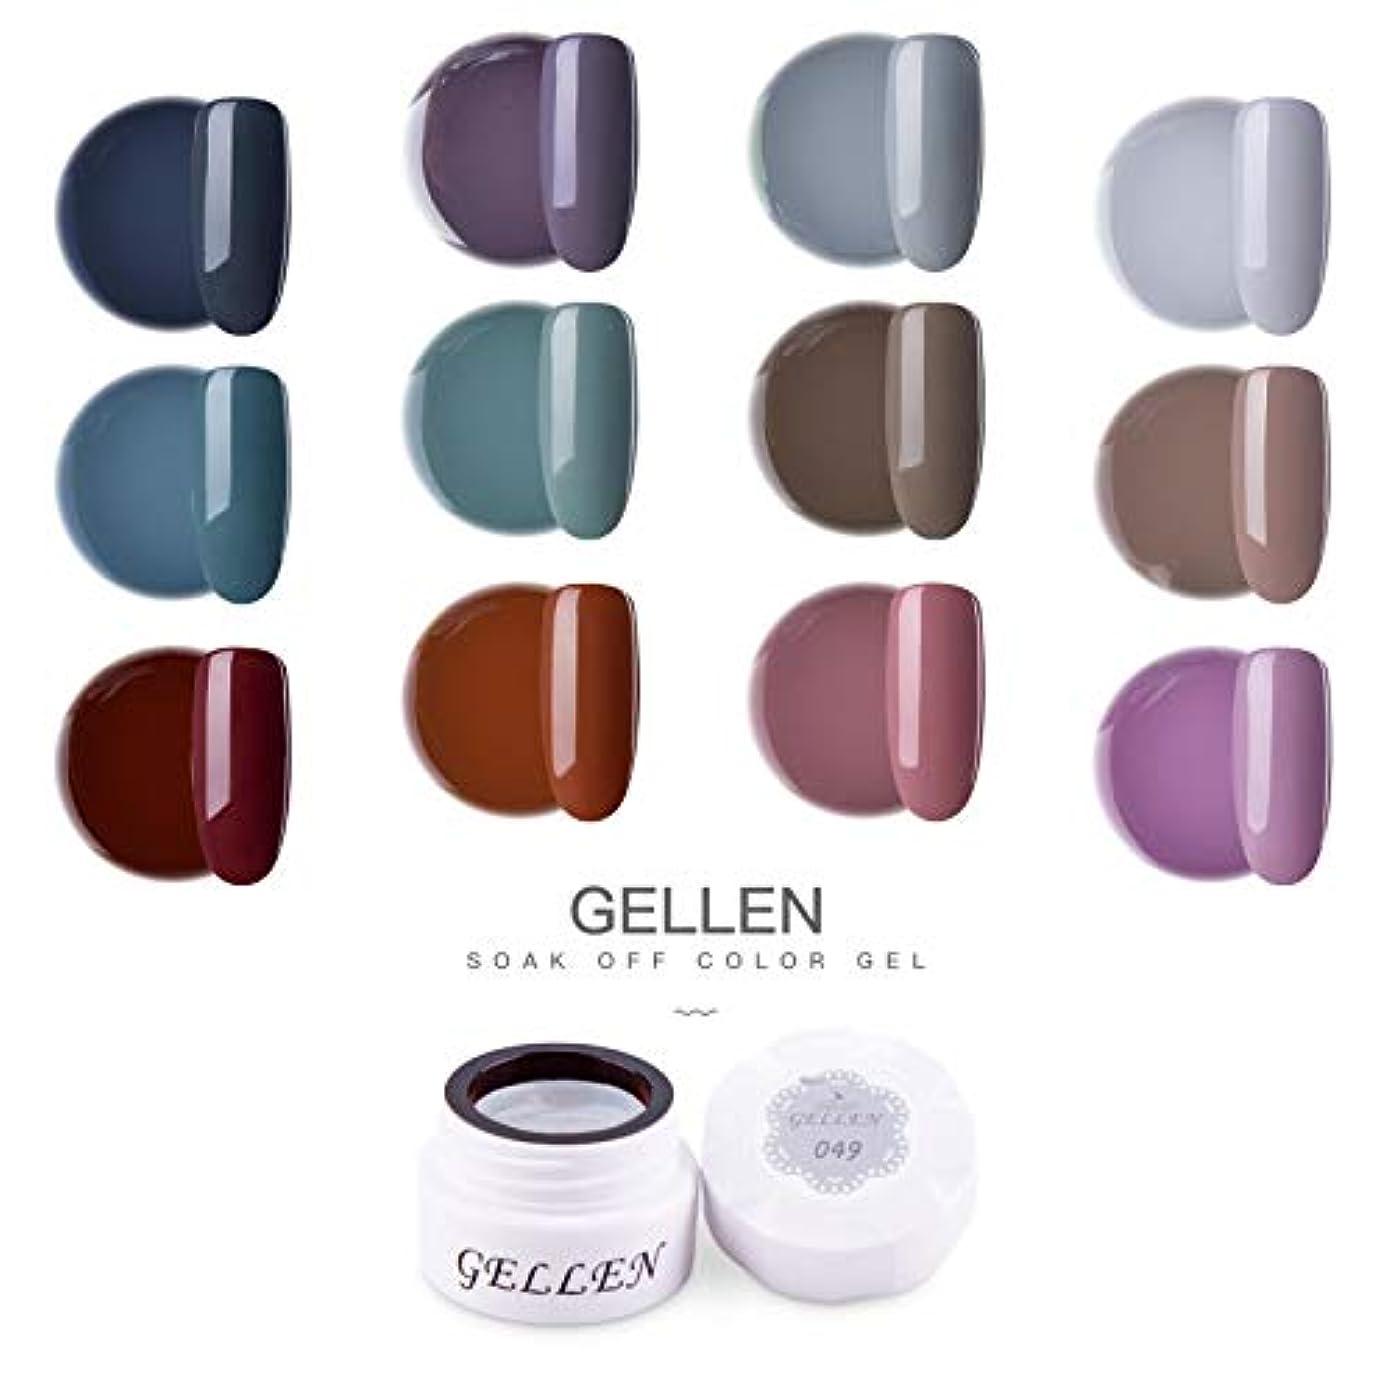 リビングルーム大事にする受動的Gellen カラージェル 12色 セット[クラッシク シリーズ]高品質 5g ジェルネイル カラー ネイルブラシ付き